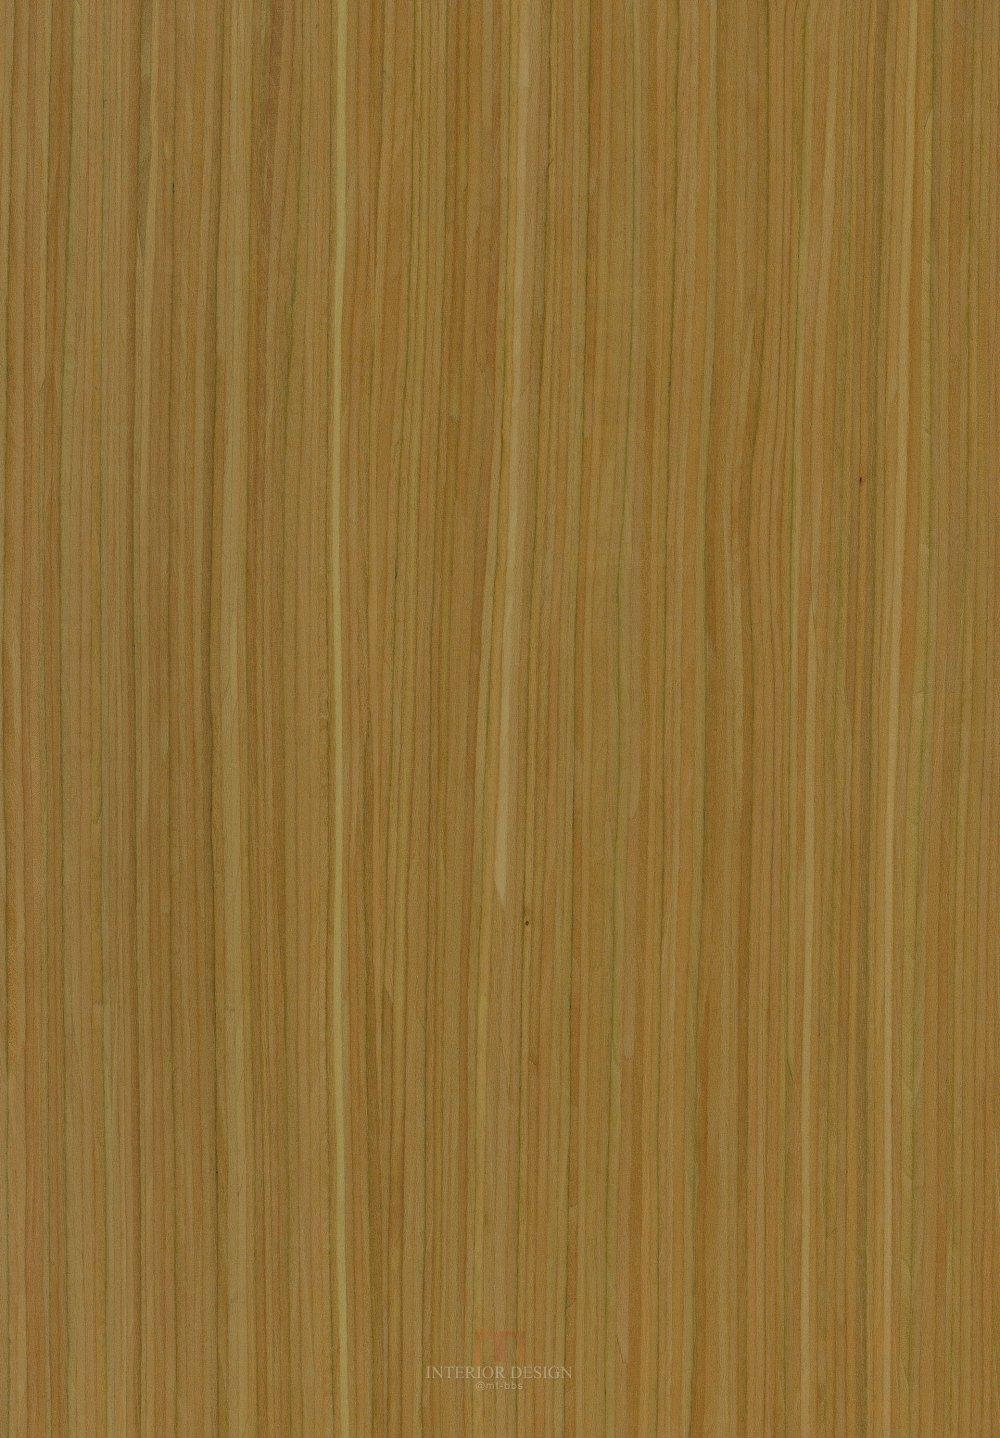 人造木纹_K6220_F0603.jpg